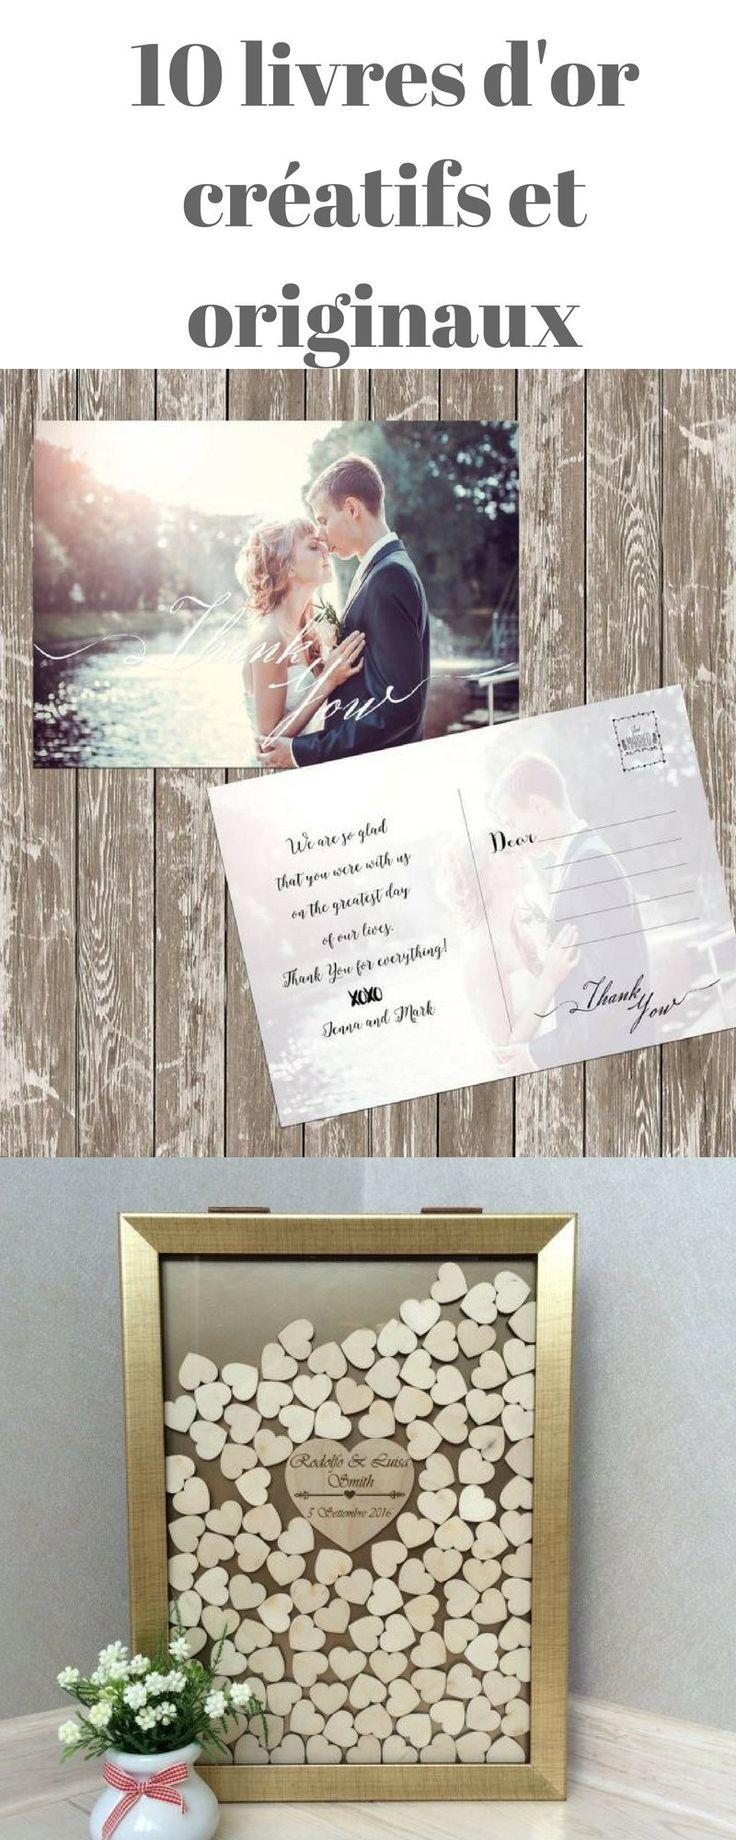 17 meilleures id es propos de livre d 39 or mariage sur pinterest livres d 39 or et mariage de. Black Bedroom Furniture Sets. Home Design Ideas